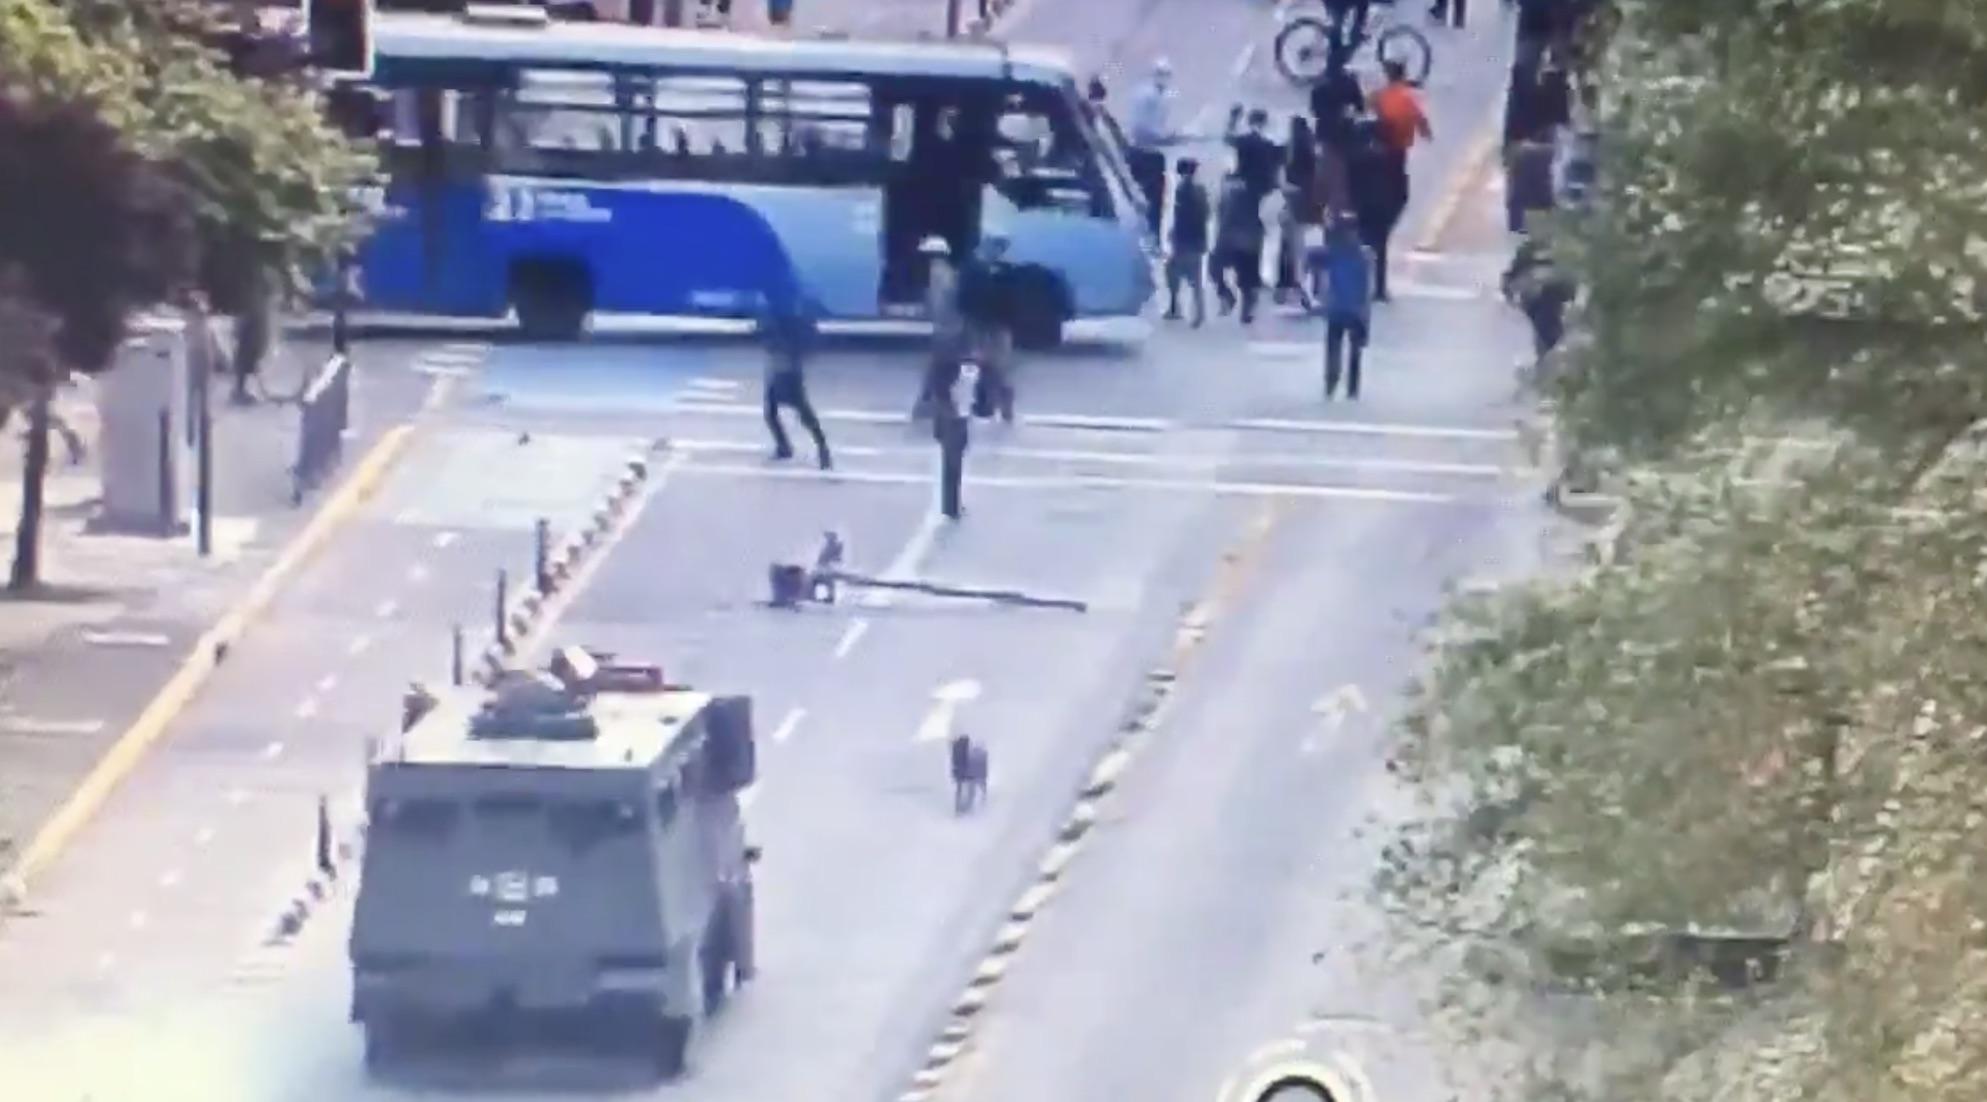 Concepción: Vandalismo y ataque a automovilistas dejan manifestaciones